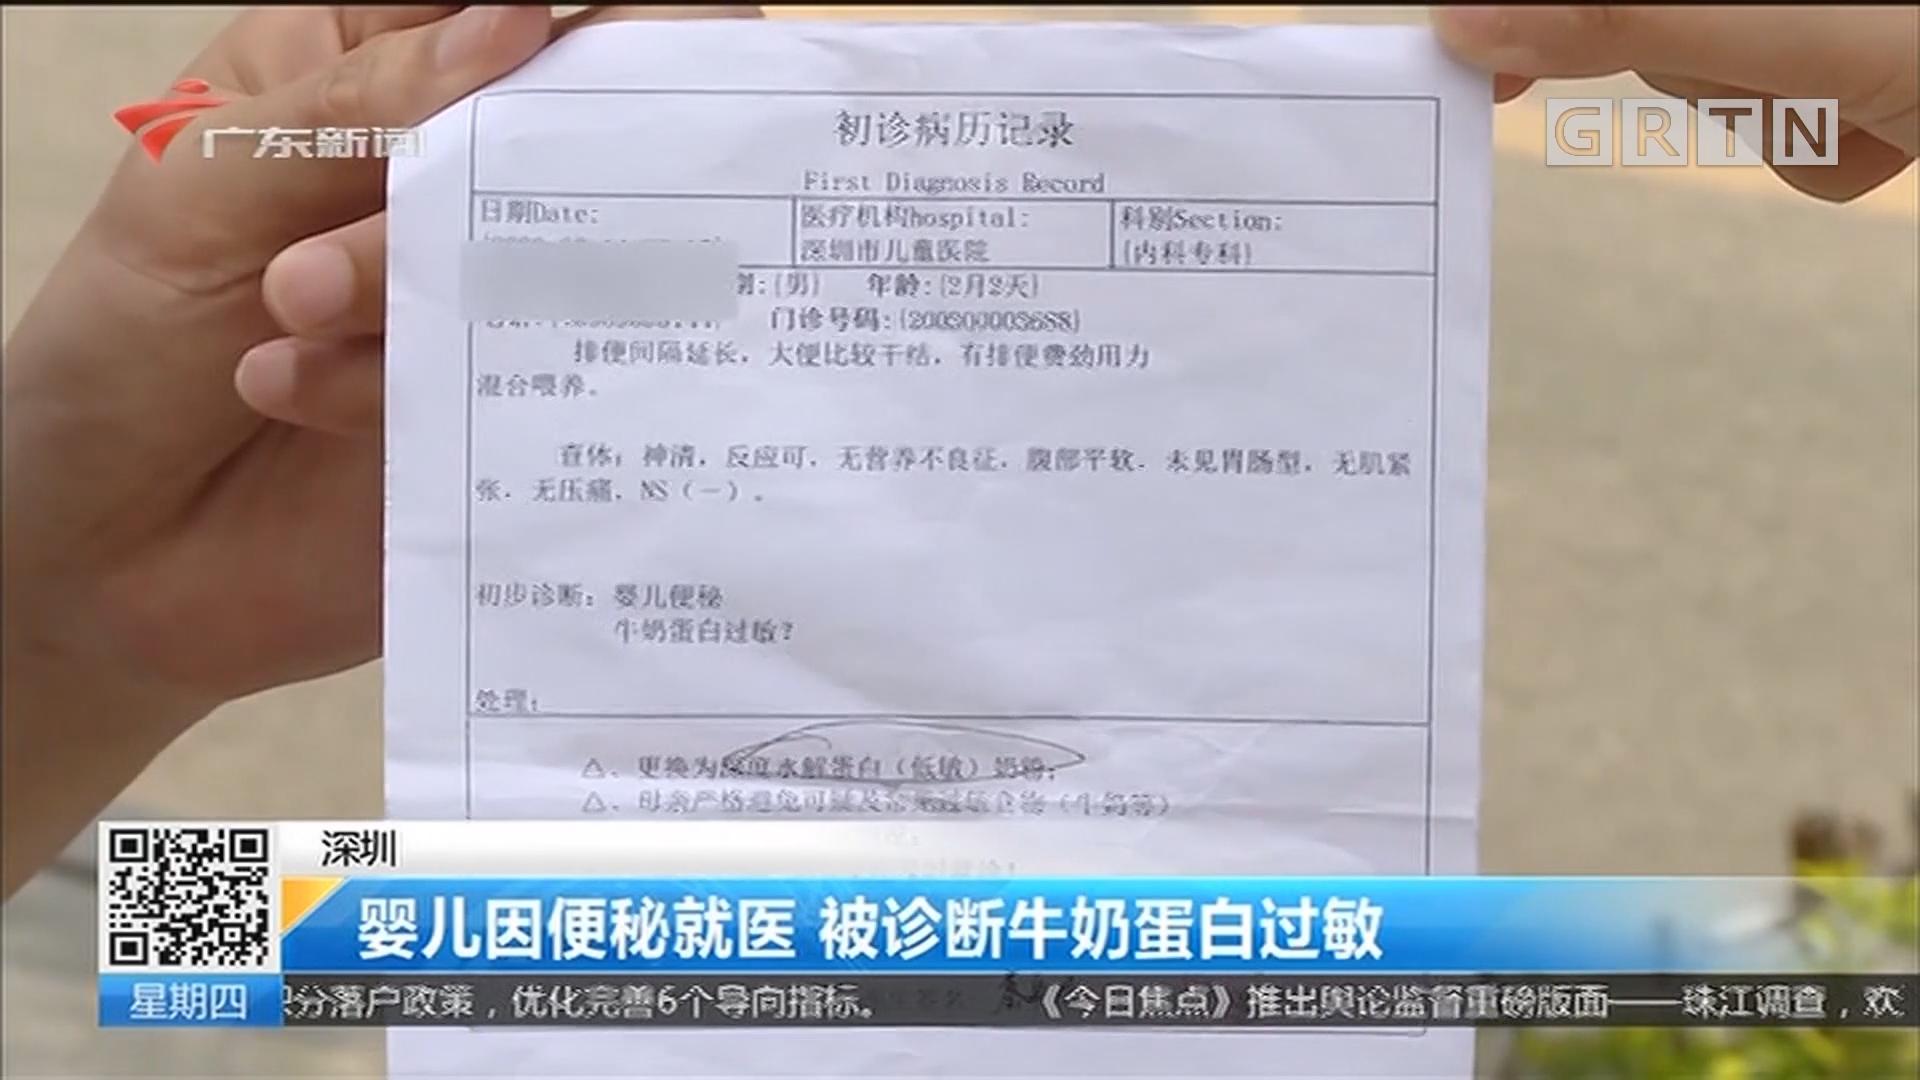 深圳 婴儿因便秘就医 被诊断牛奶蛋白过敏